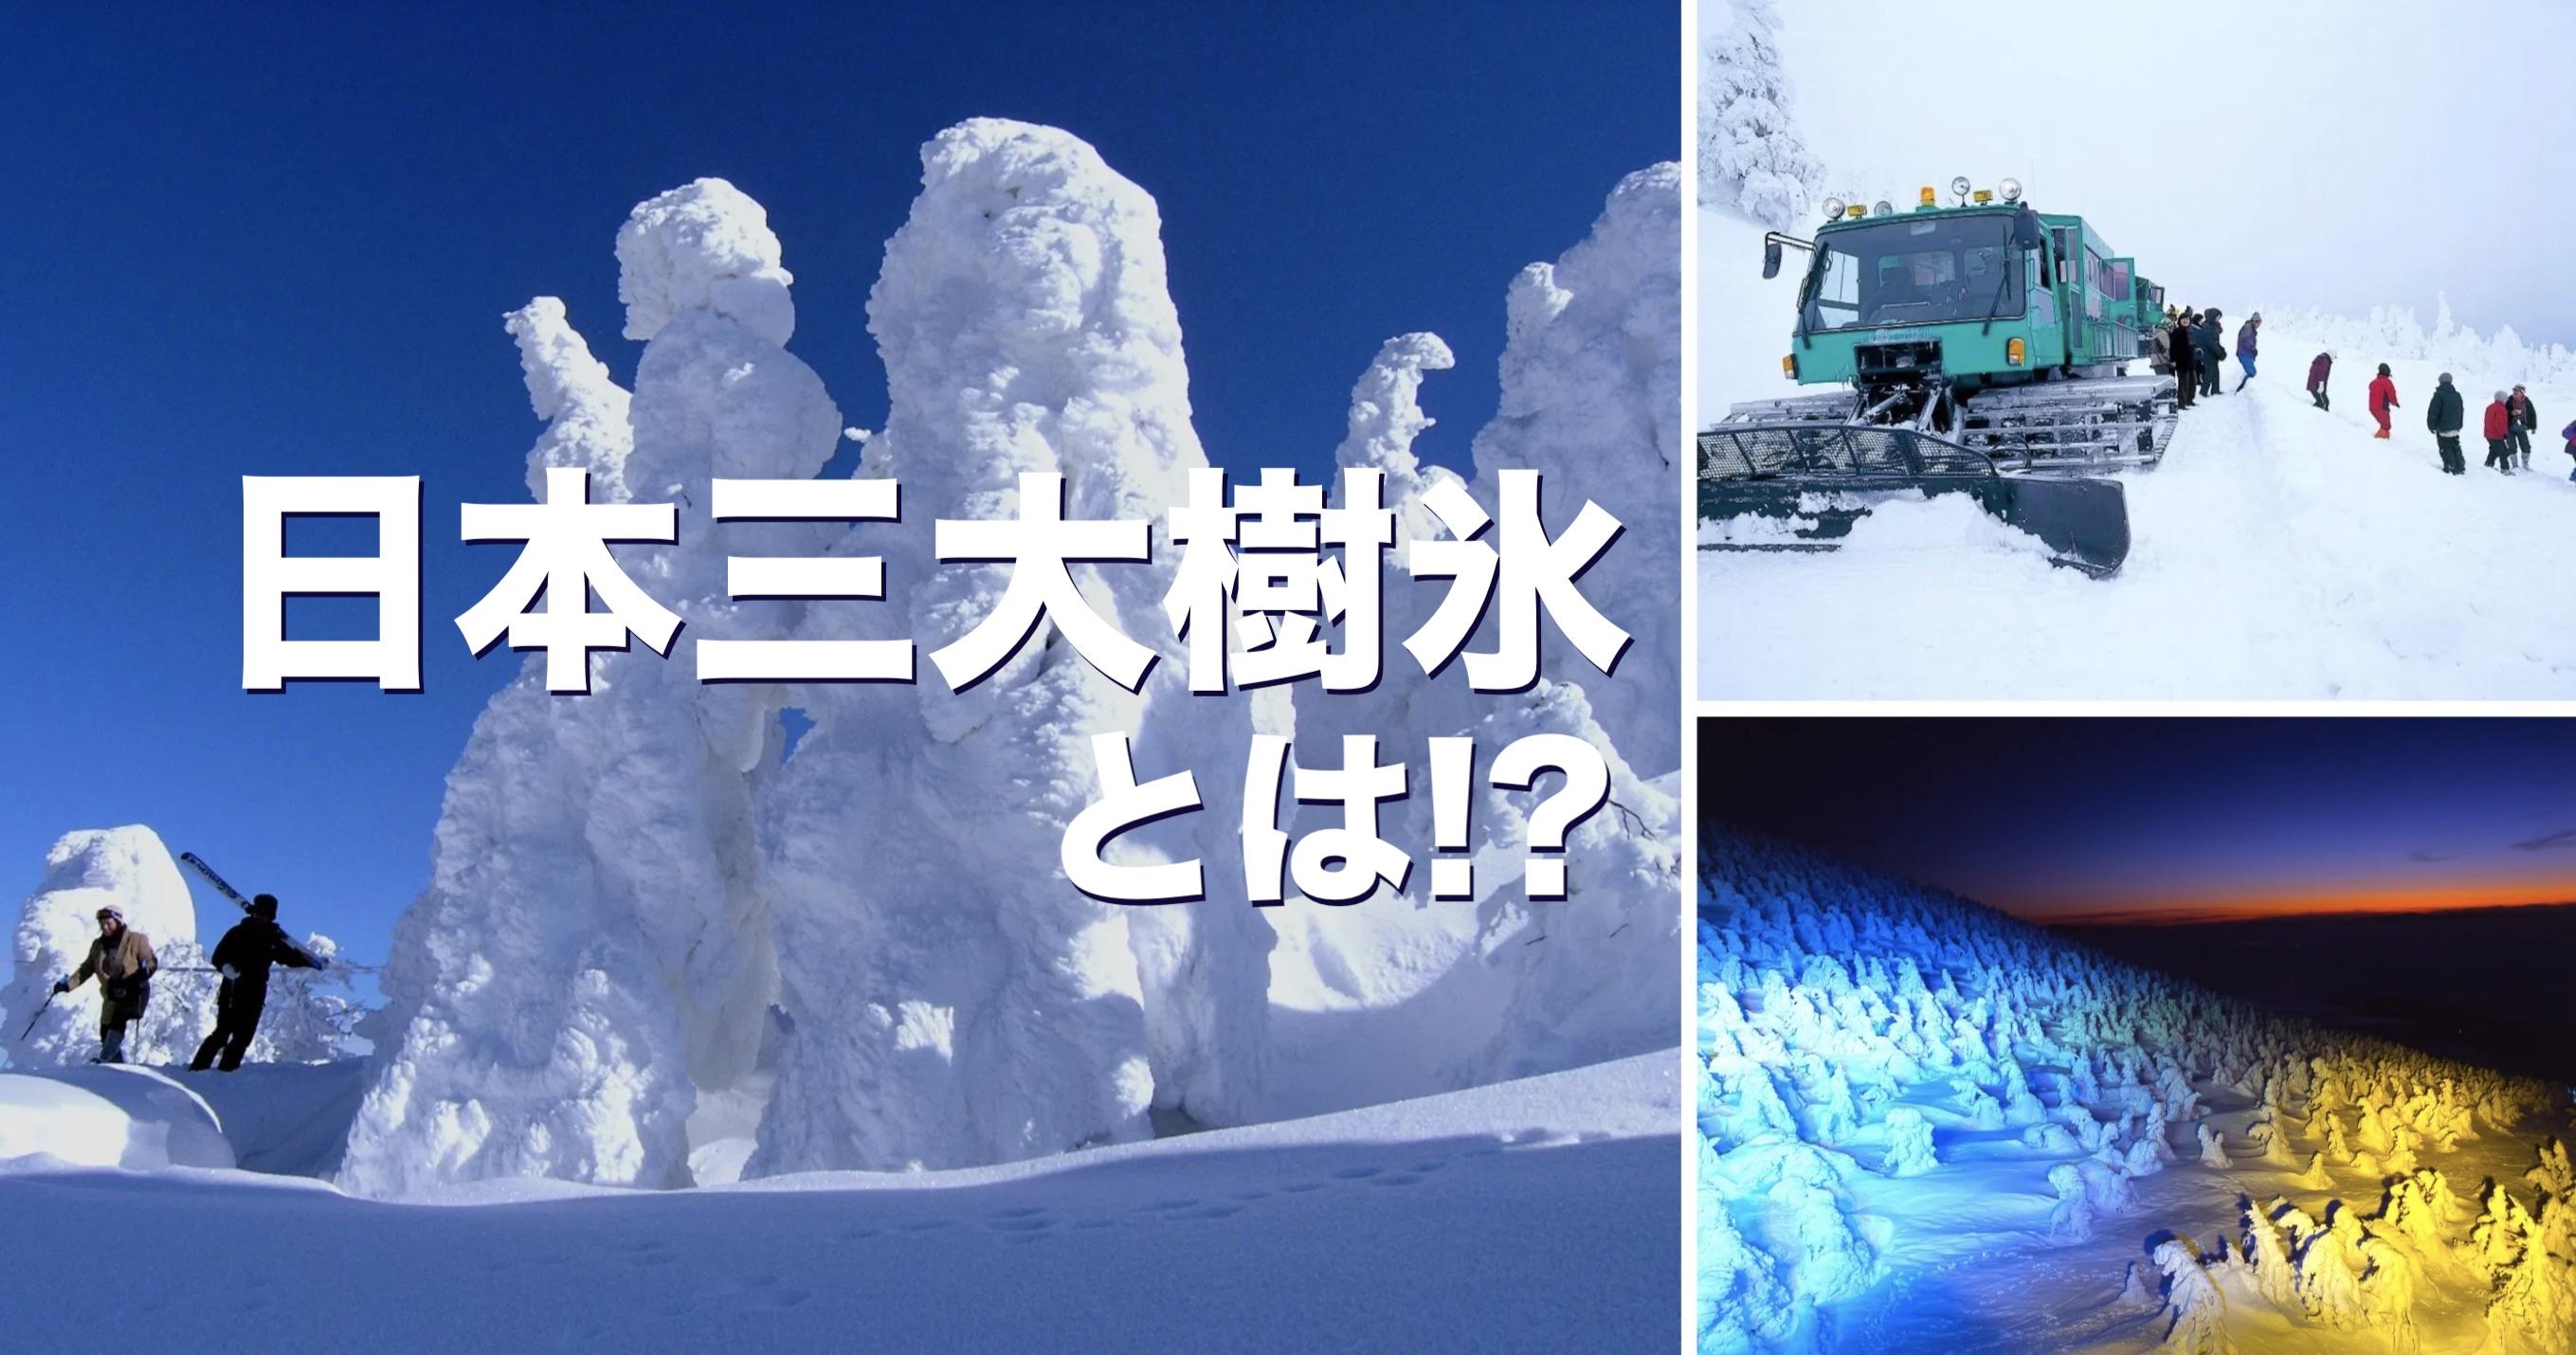 日本三大樹氷